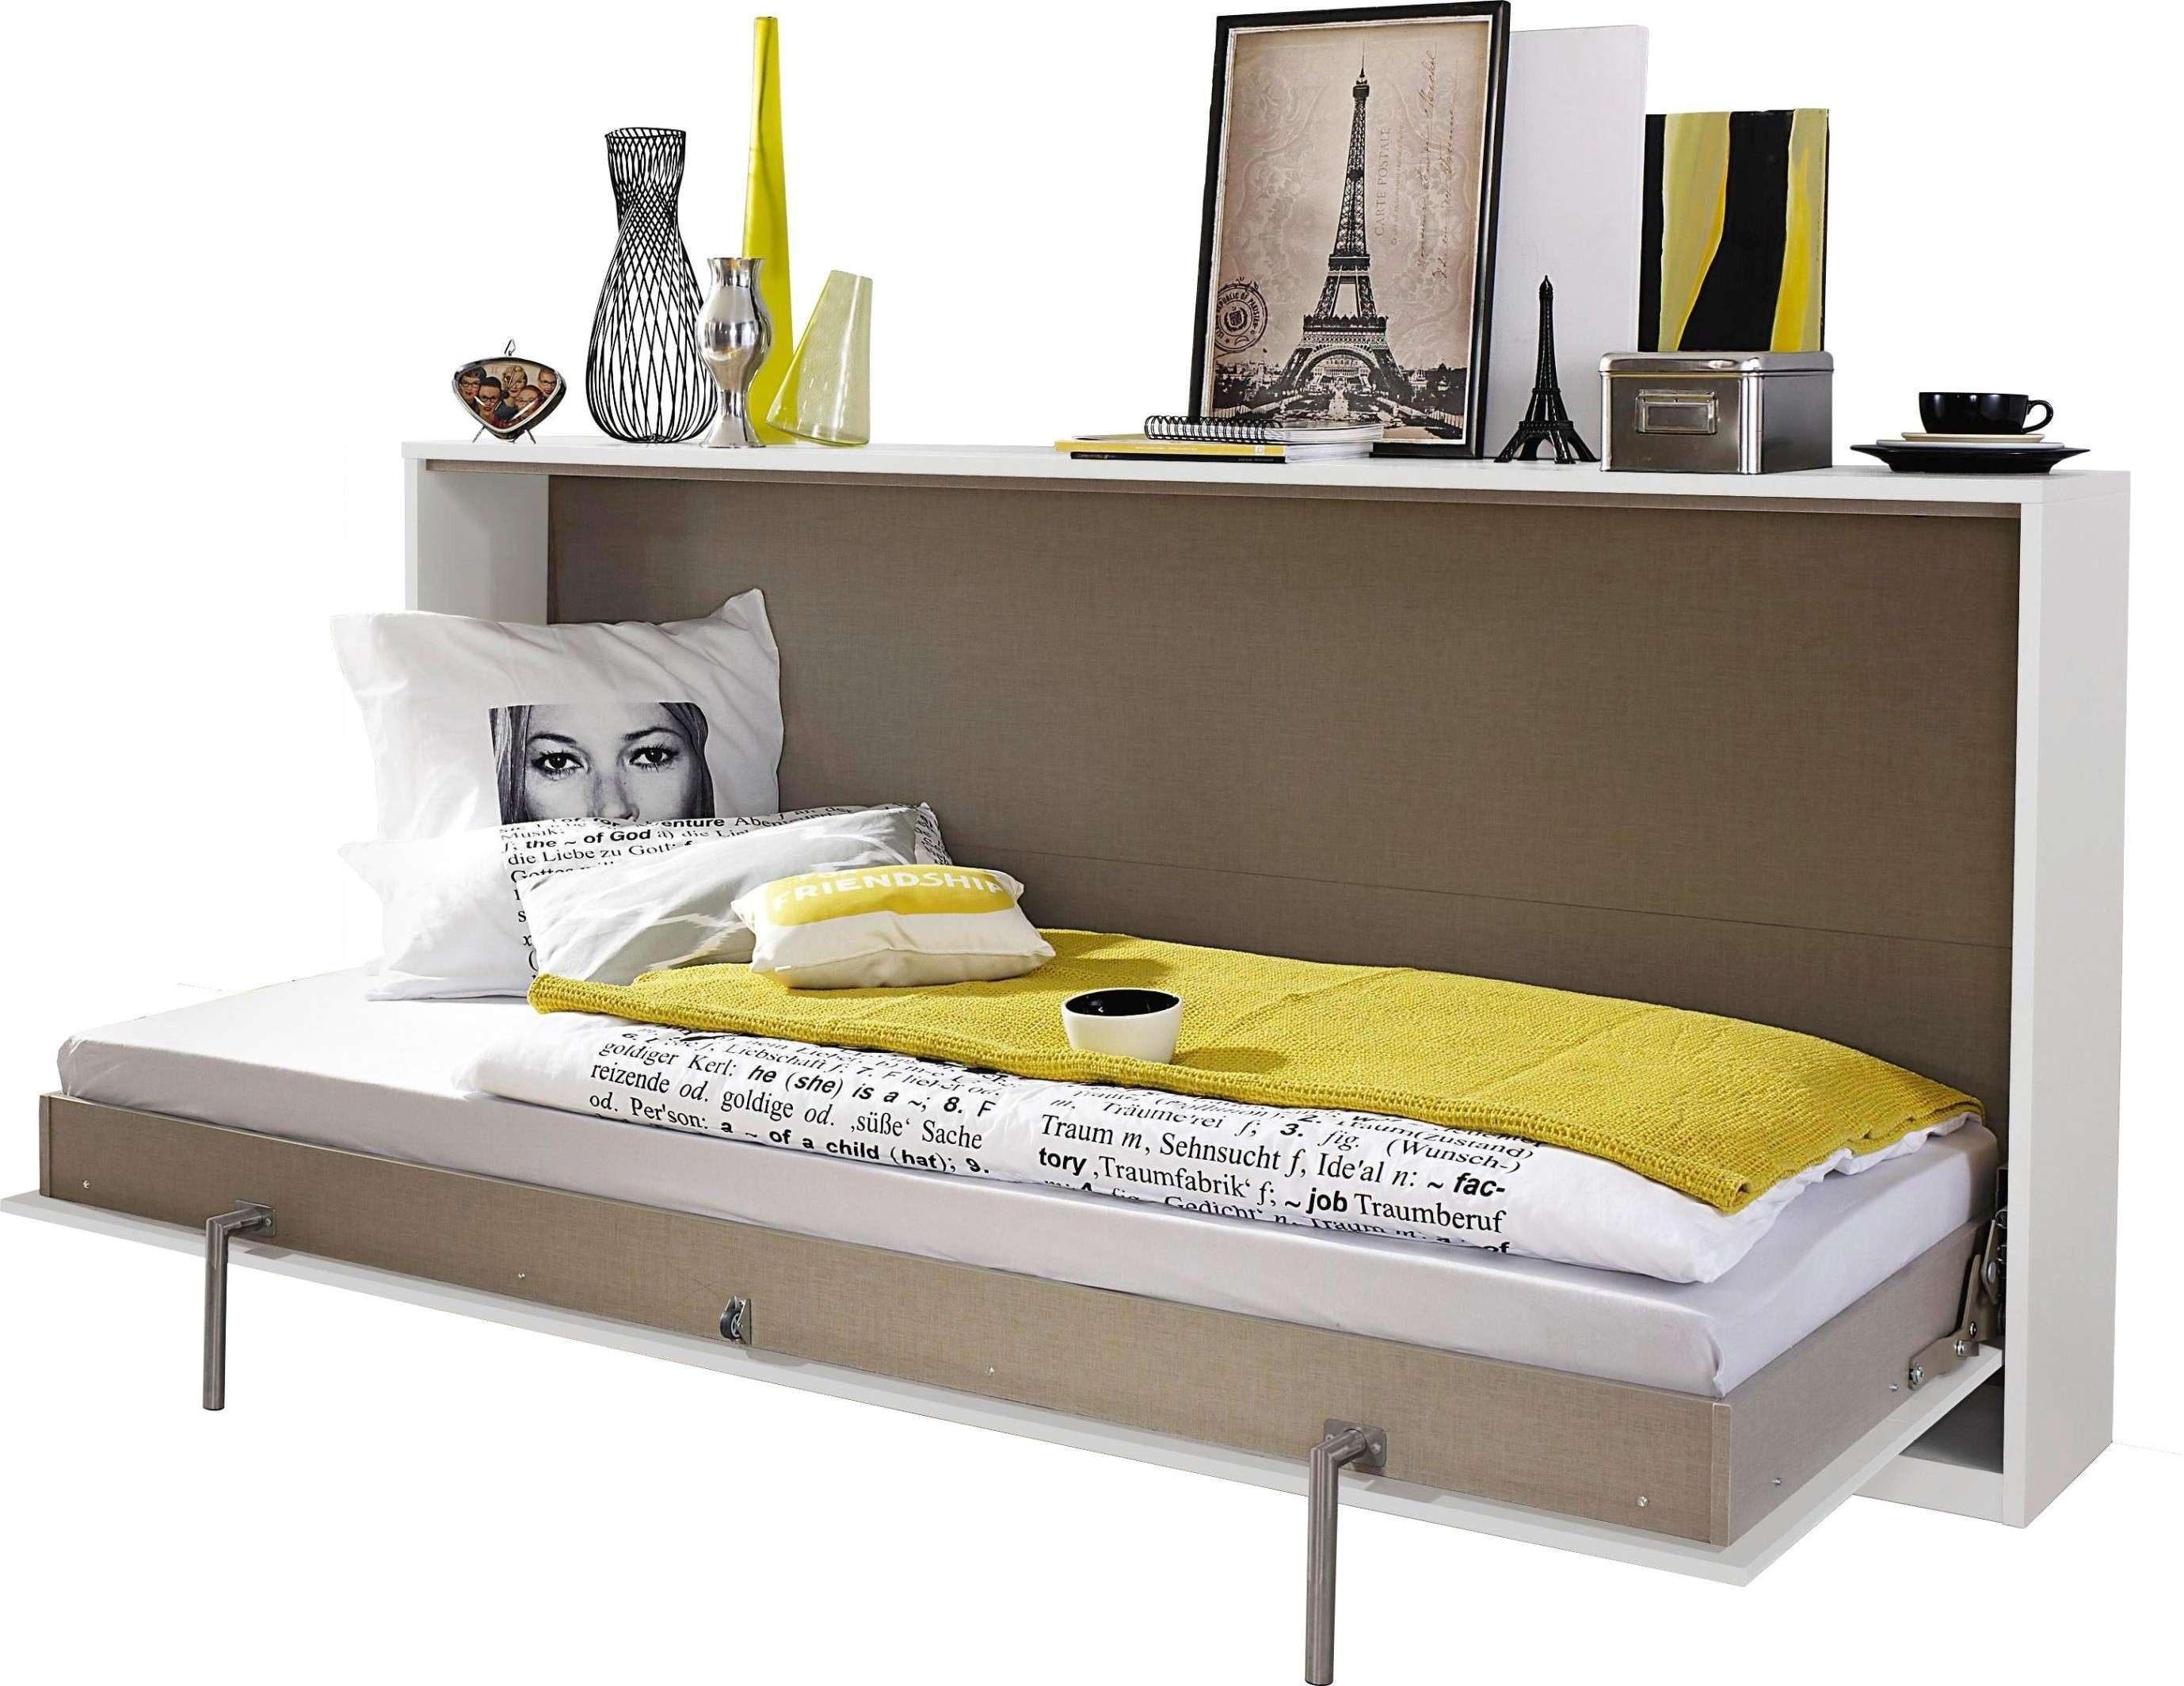 Ikea Linge De Lit Nouveau 45 Des Idées Lit 80 190